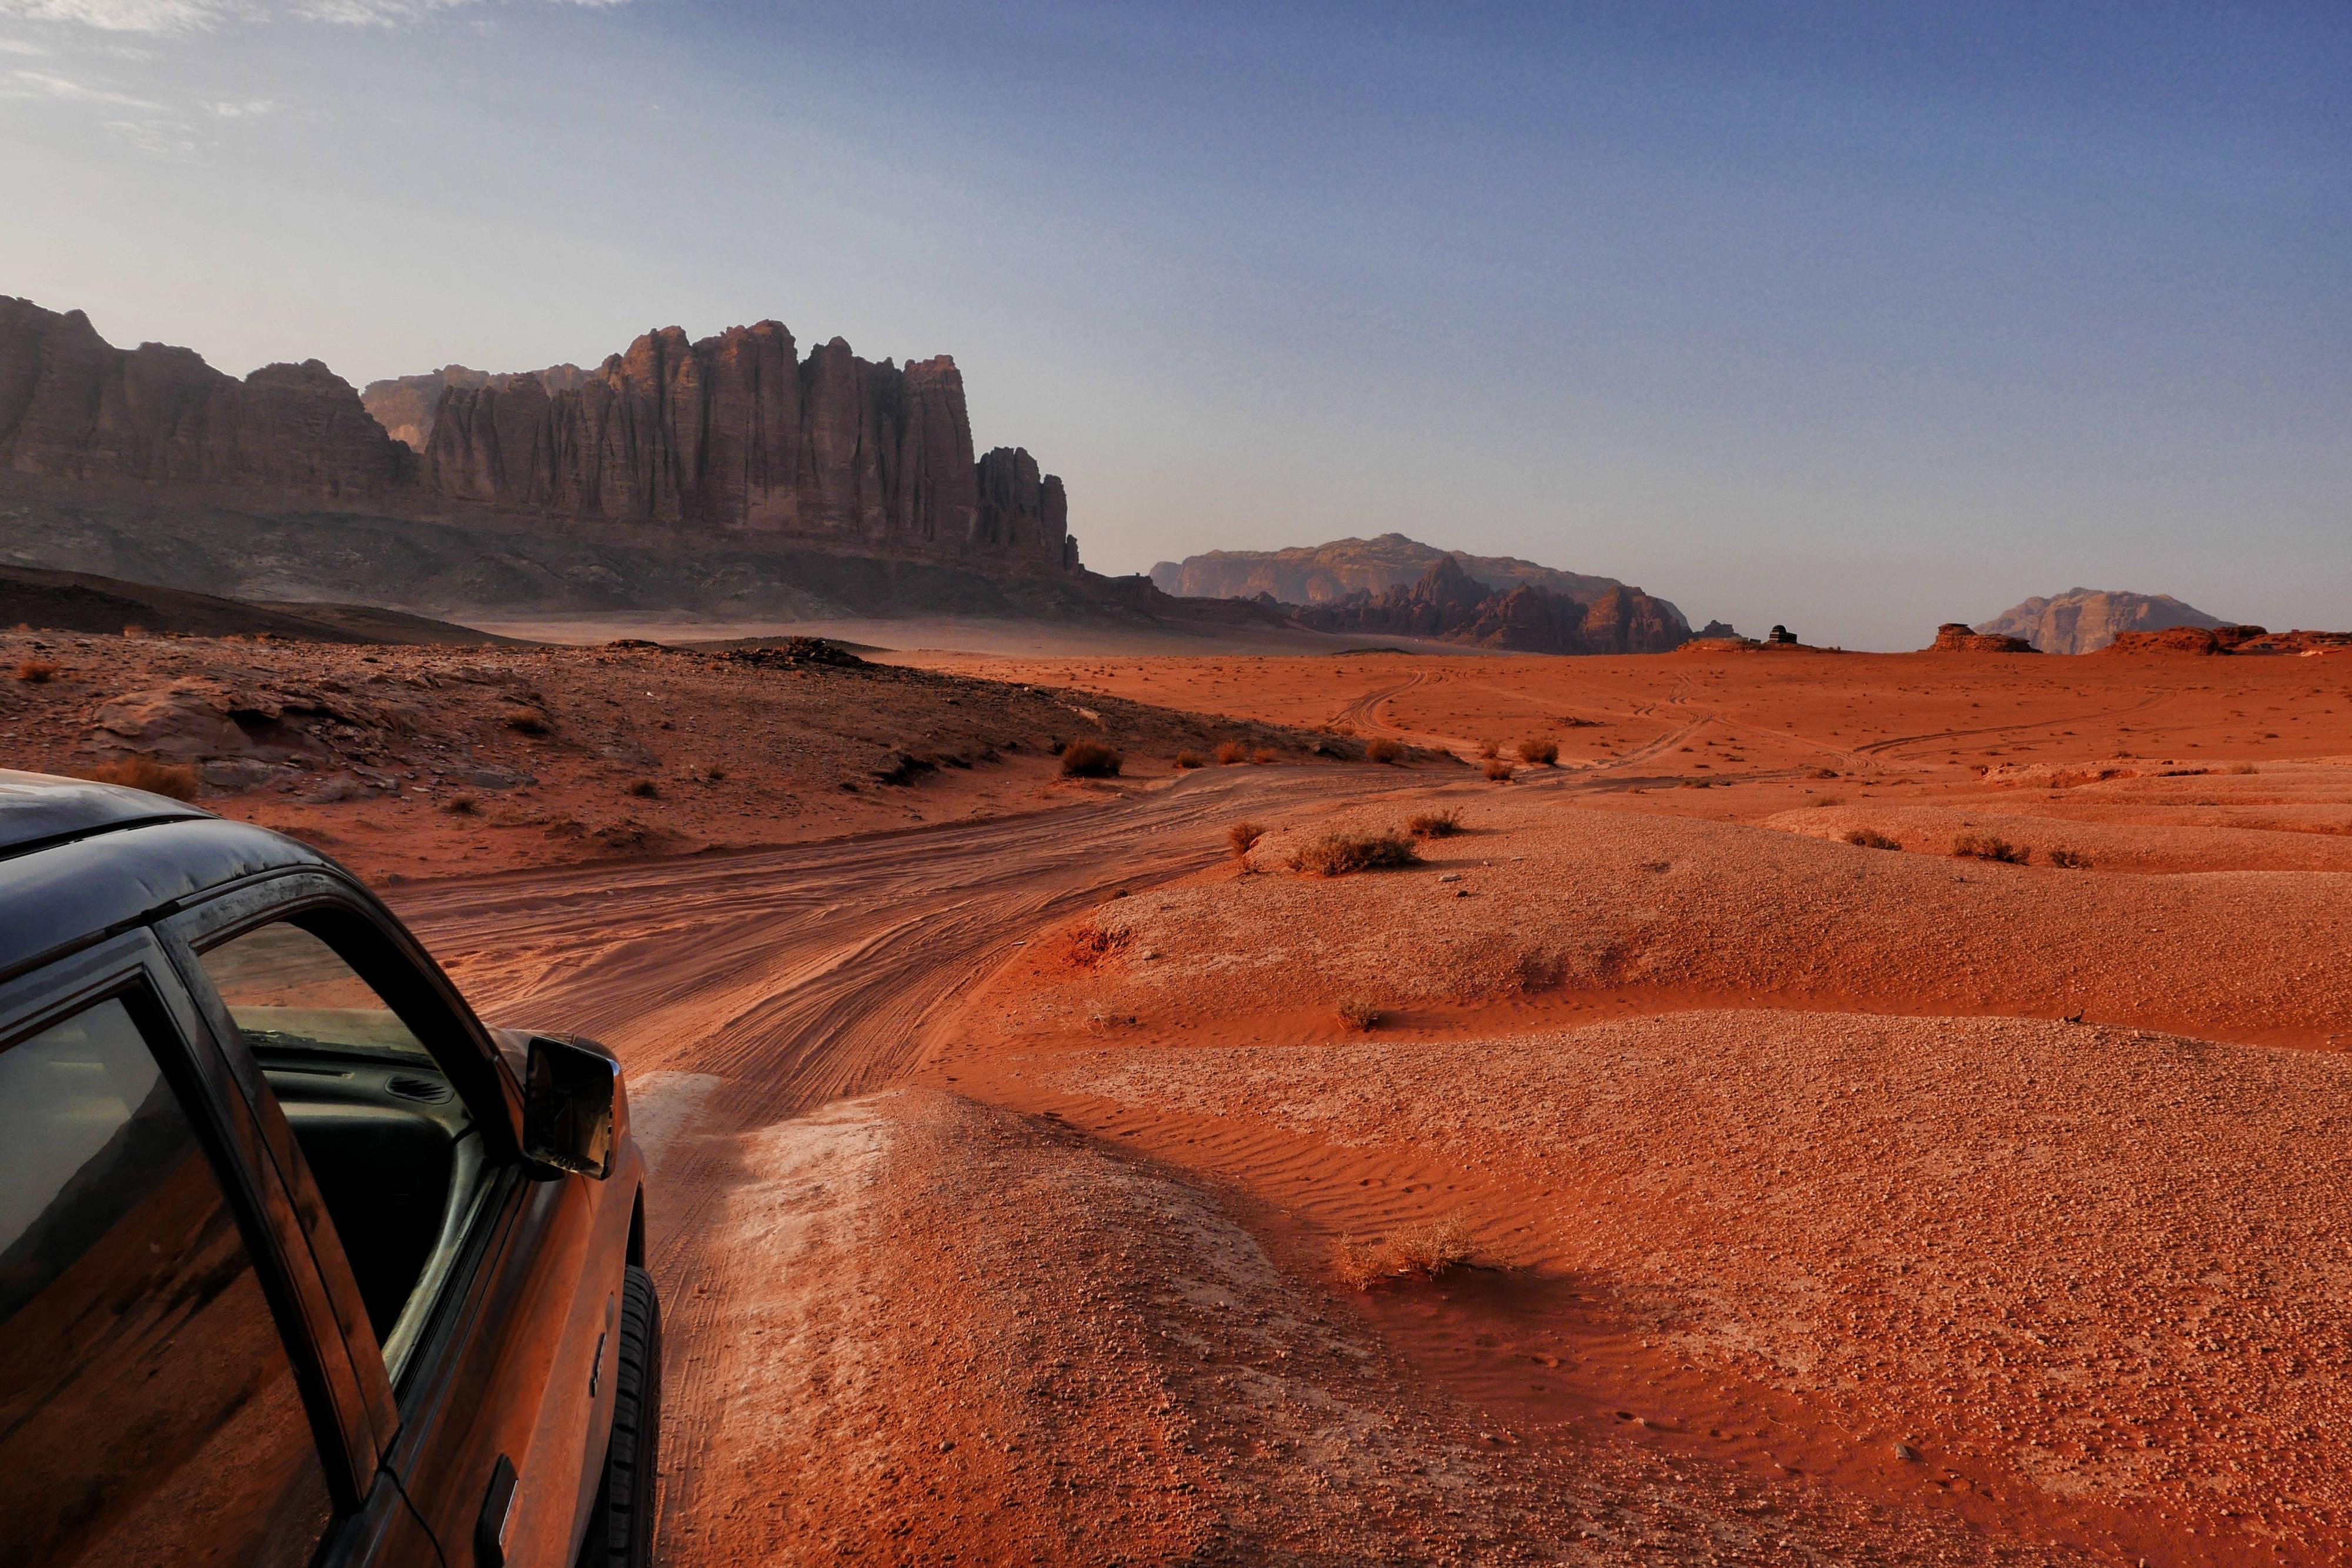 Driving through Wadi Rum